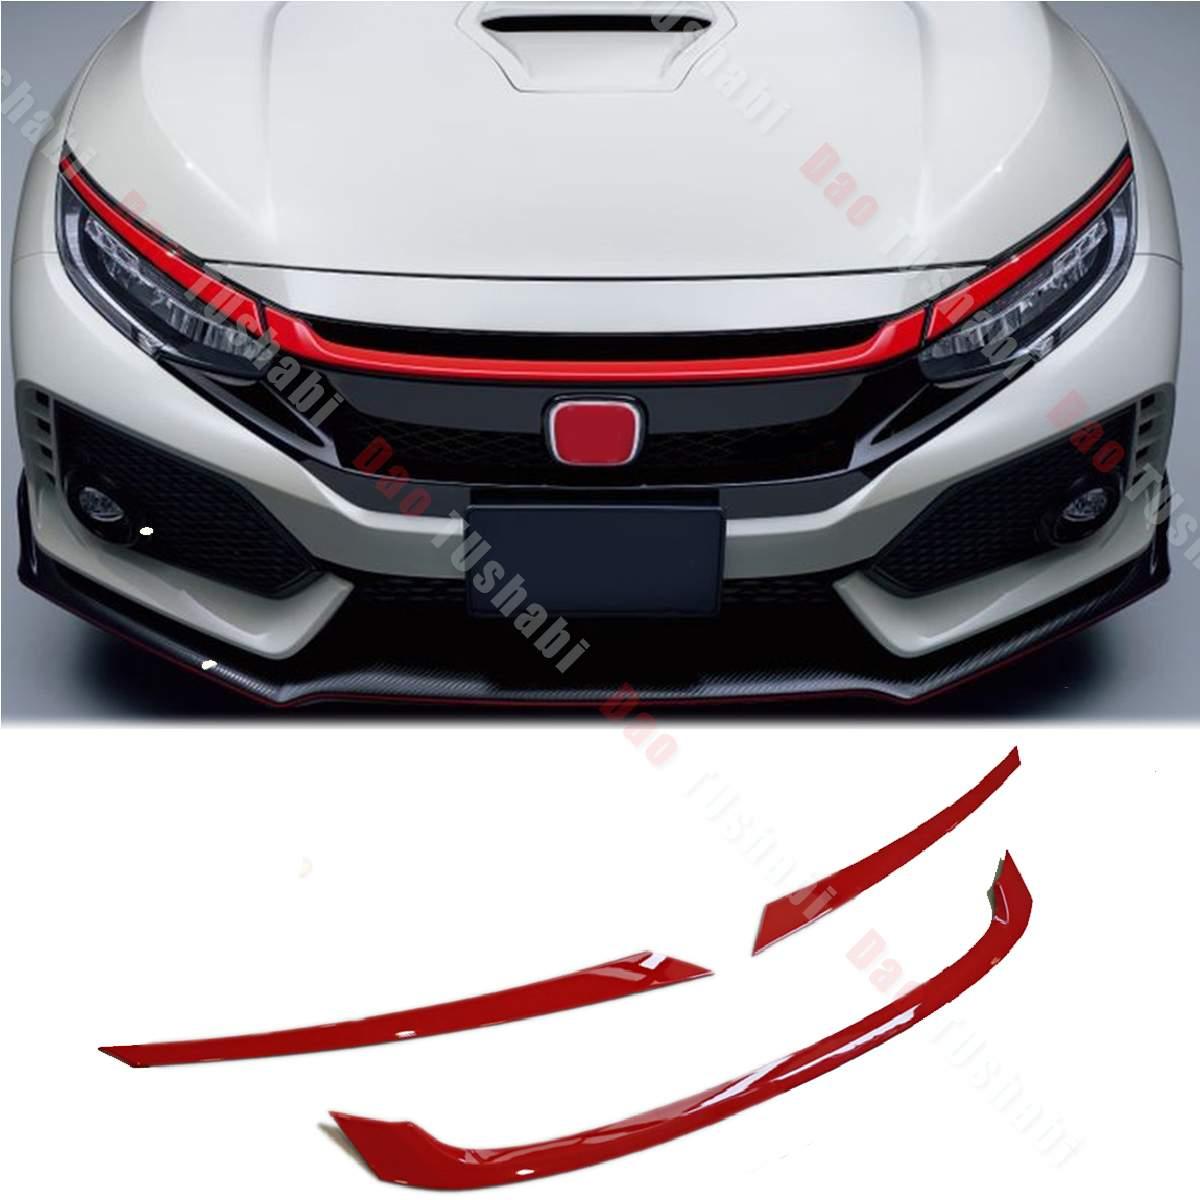 Grille de calandre rouge garniture décoration Paster pour Honda pour Civic type-r 2016-2018 PP intérieur moulures couvercle garniture Bar